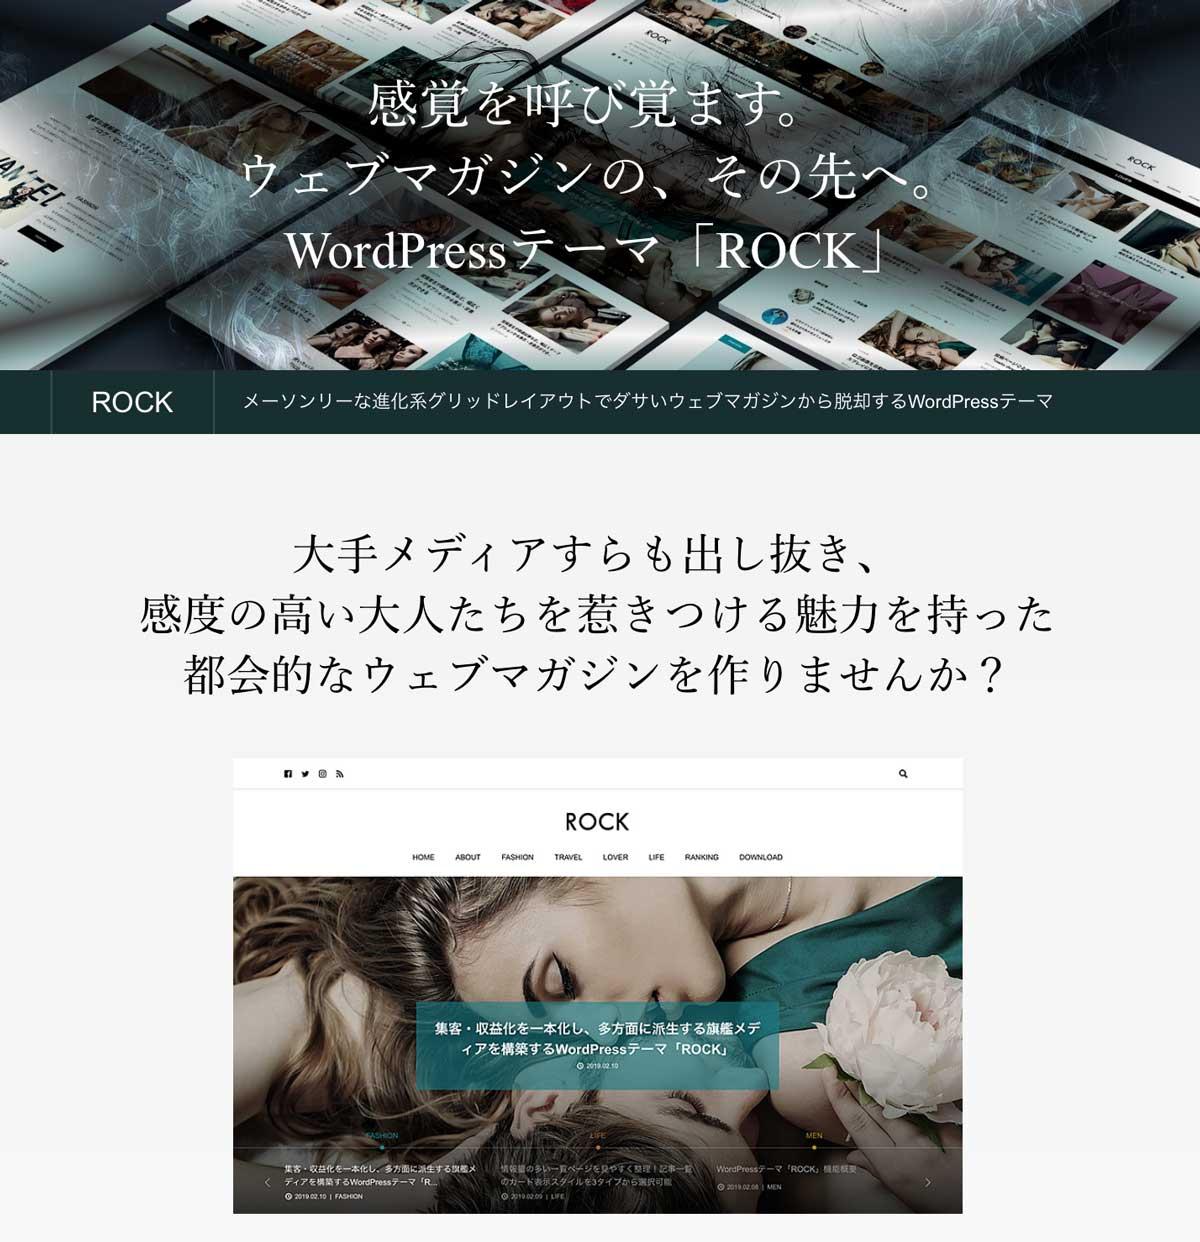 ROCKは、メーソンリーな進化系グリッドレイアウトでさまざまな表示スタイルを実現したWordPressテーマ wordpress_free_themes_tcd068_01